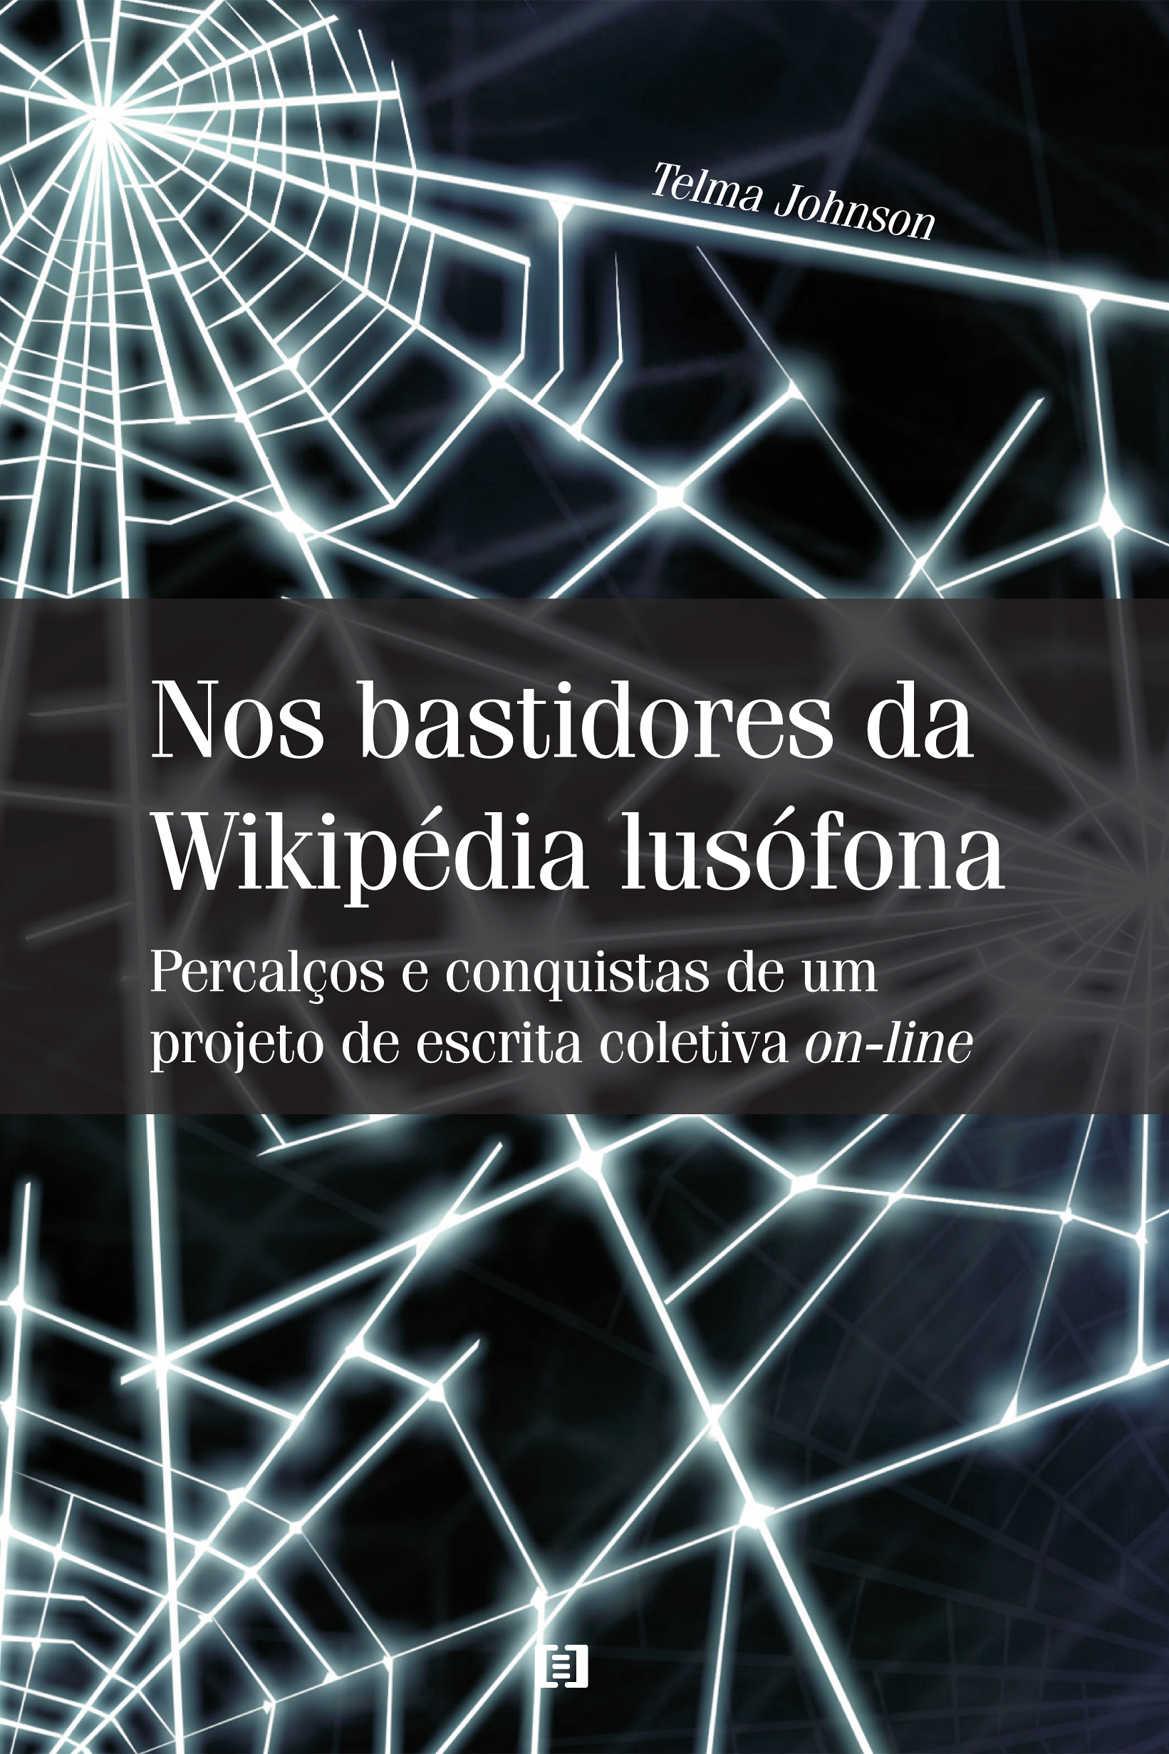 Nos bastidores da Wikipédia lusófona: Percalços e conquistas de um projeto de escrita coletiva on-line